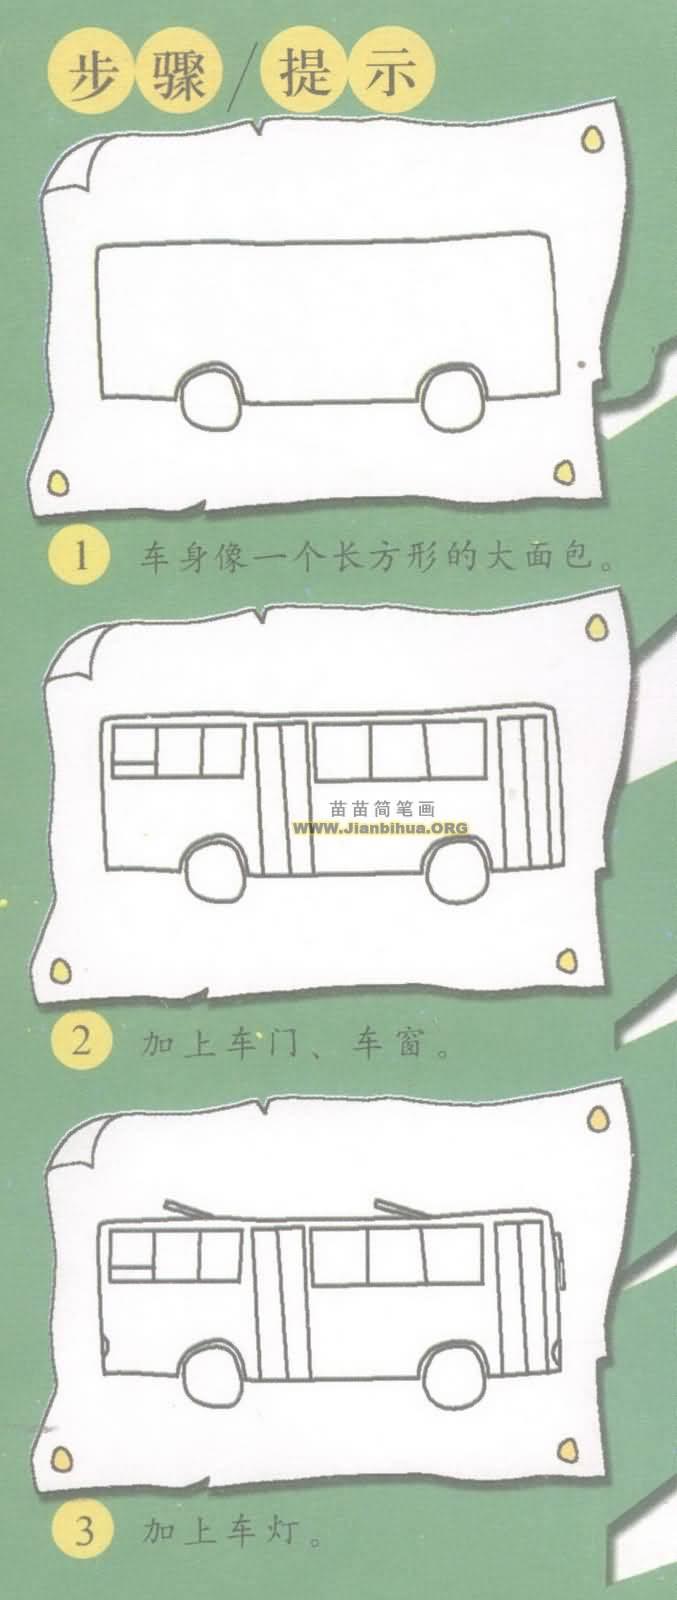 公共汽车简笔画图片教程